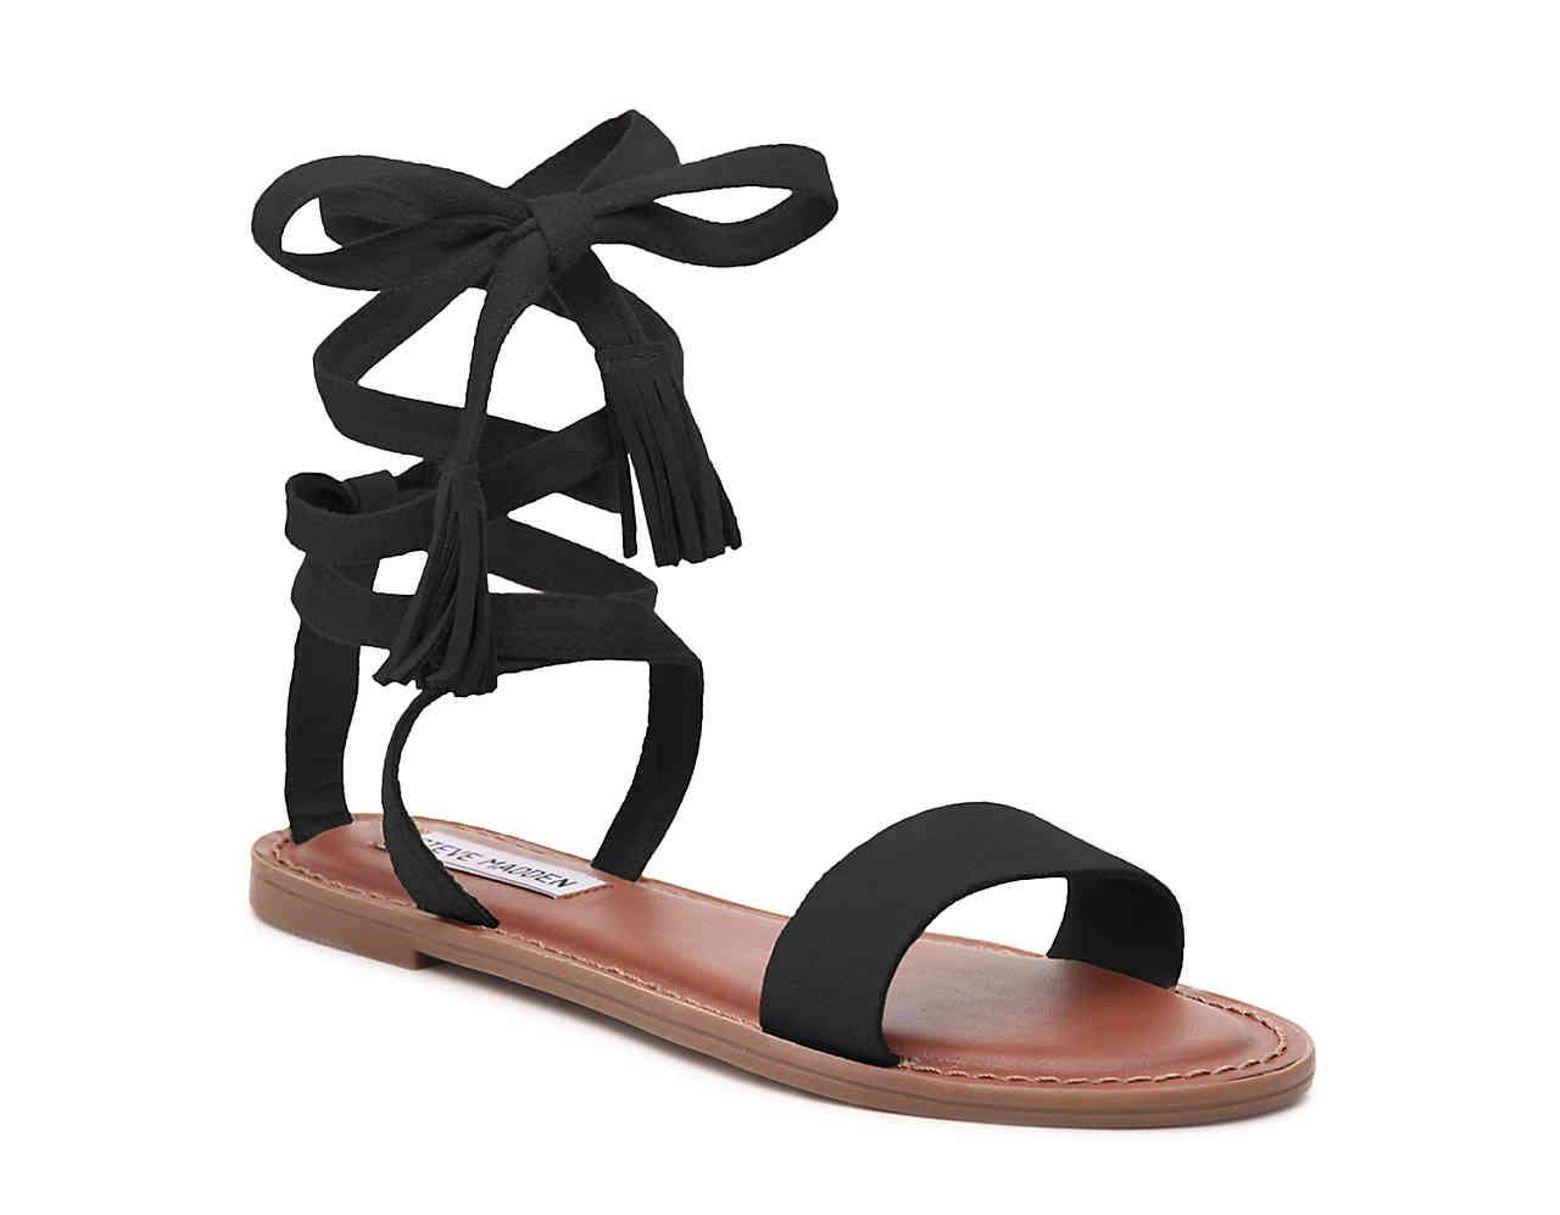 d9556064e92 Women's Black Kario Sandal